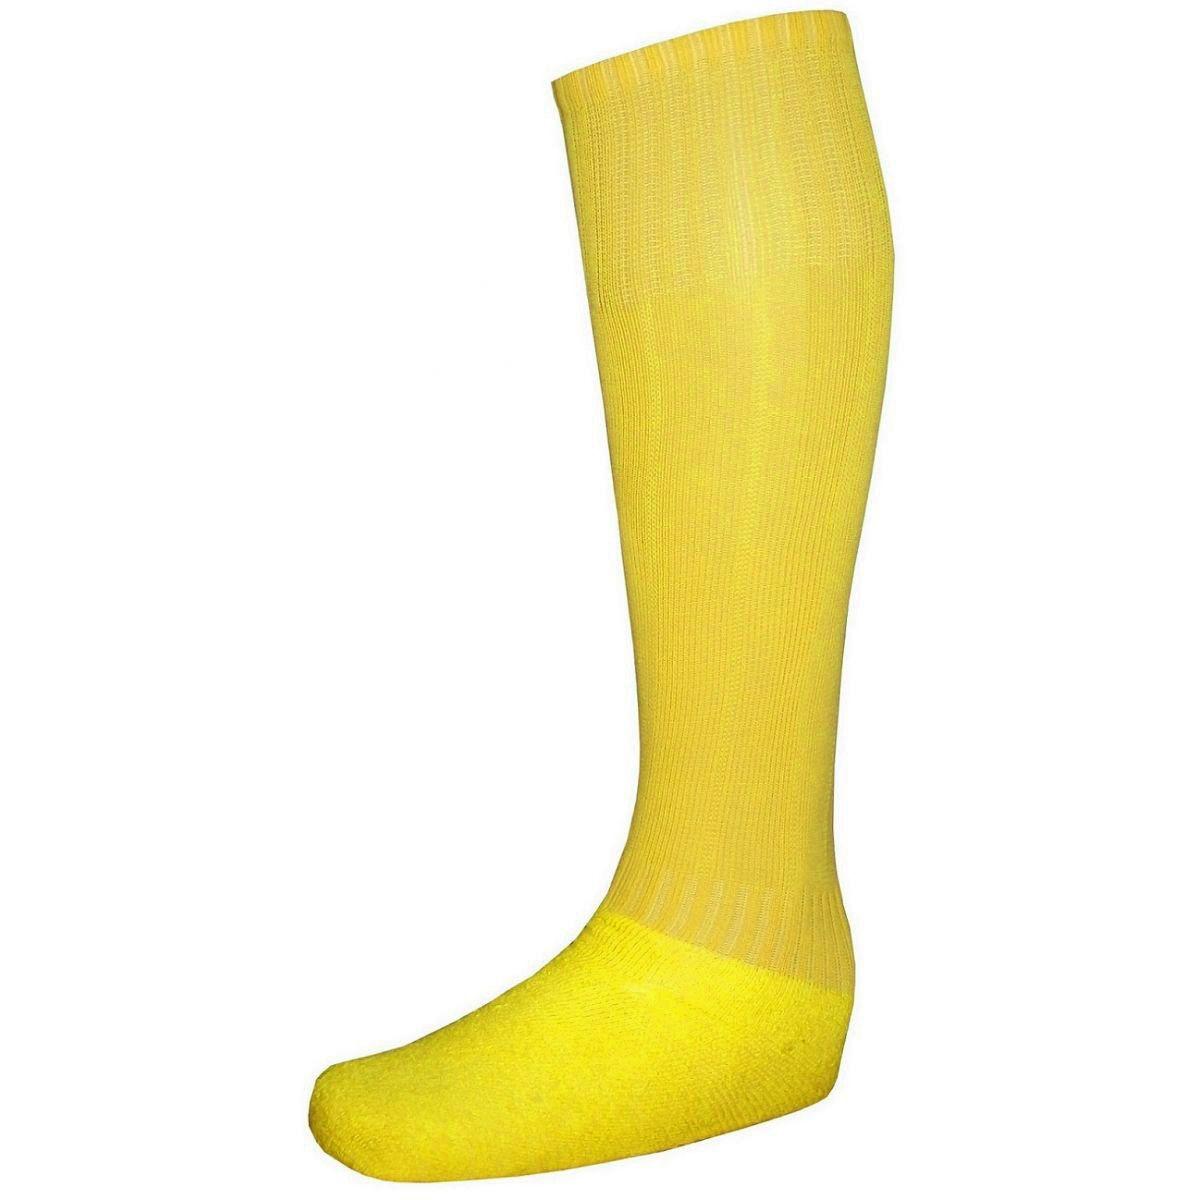 Kit com 25 Meiões de Futebol Profissional na Cor Amarelo - Delfia